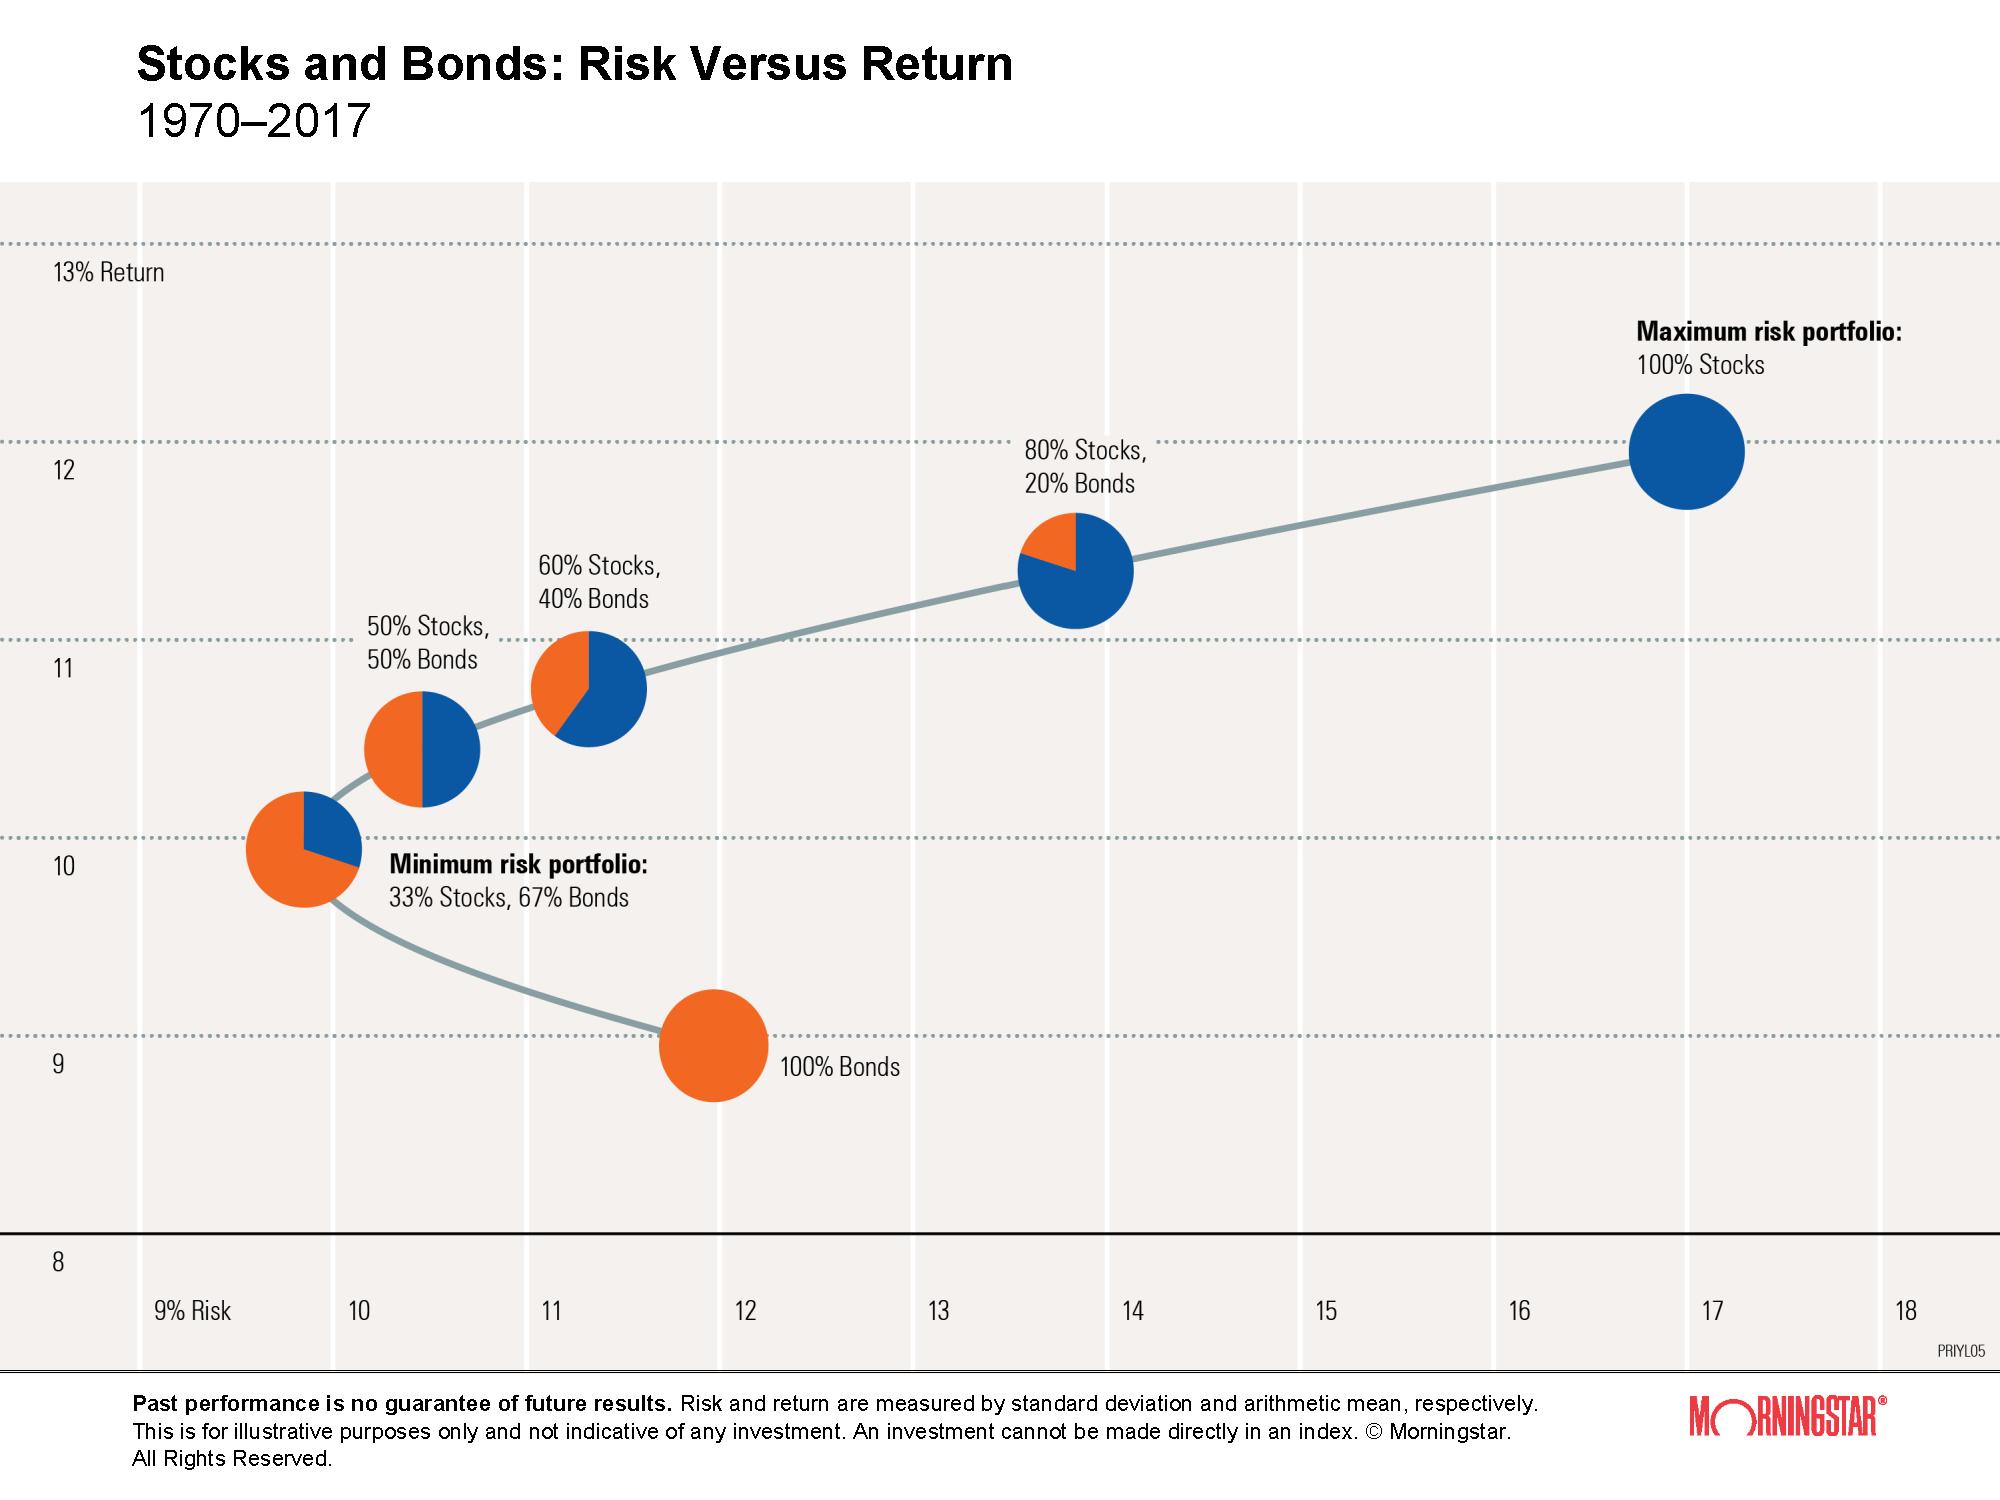 График соотношения акций с облигациями и возврата с инвестиций. Портфель, на 100% состоящий из акций, несет максимальный риск просадки 17%, но он самый доходный. В то же время портфель, на 100% состоящий из облигаций, не самый безрисковый вариант. Оптимальный портфель с точки зрения минимизации риска — 33% акций и 67% облигаций